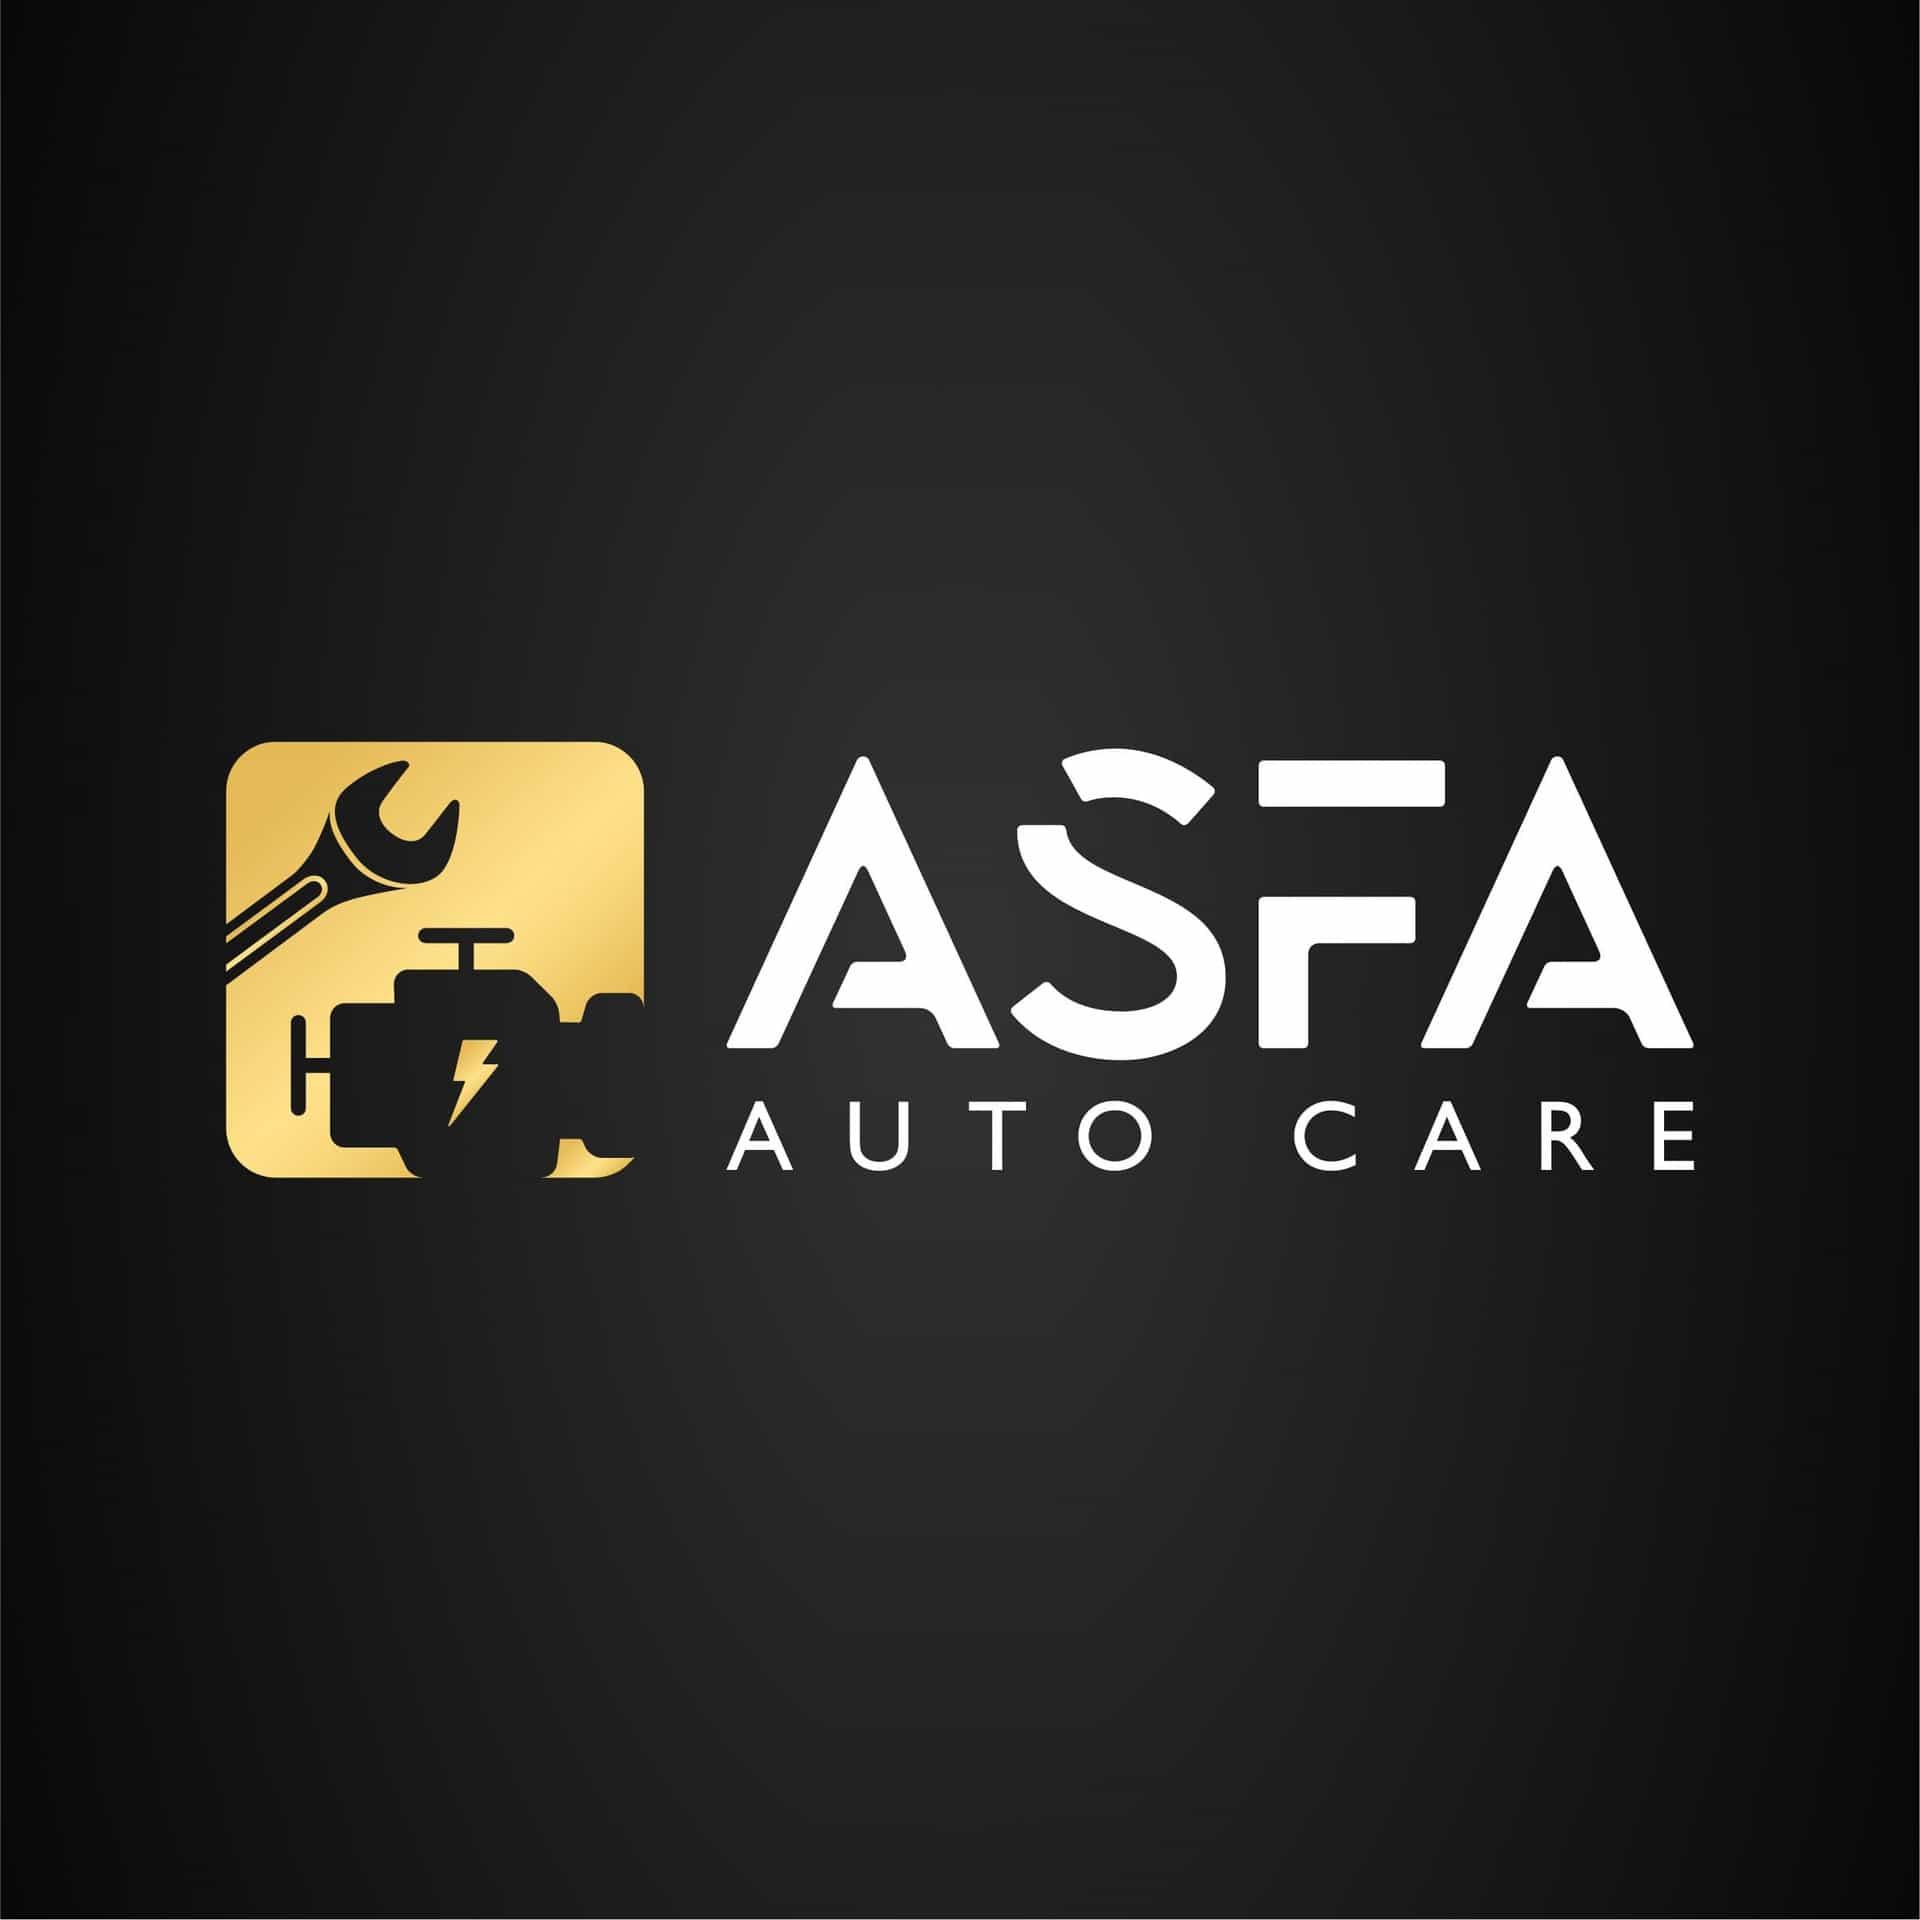 ASFA Auto Care - Car Services Adelaide